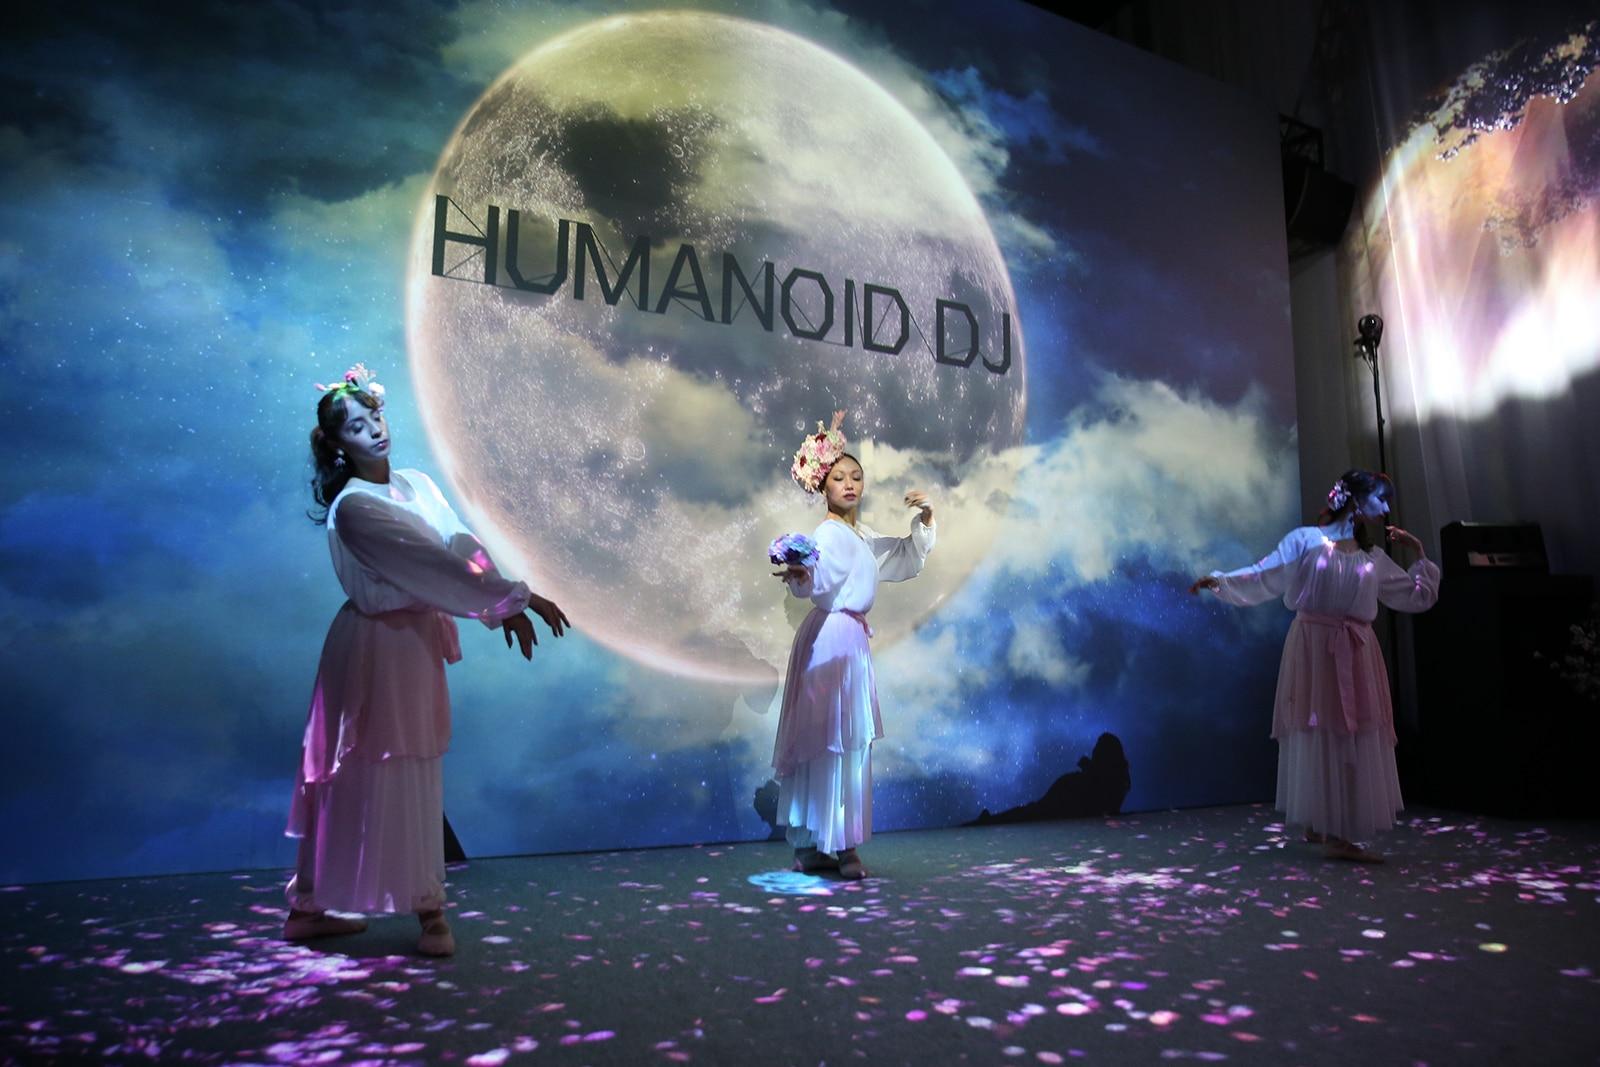 HUMANOID DJ